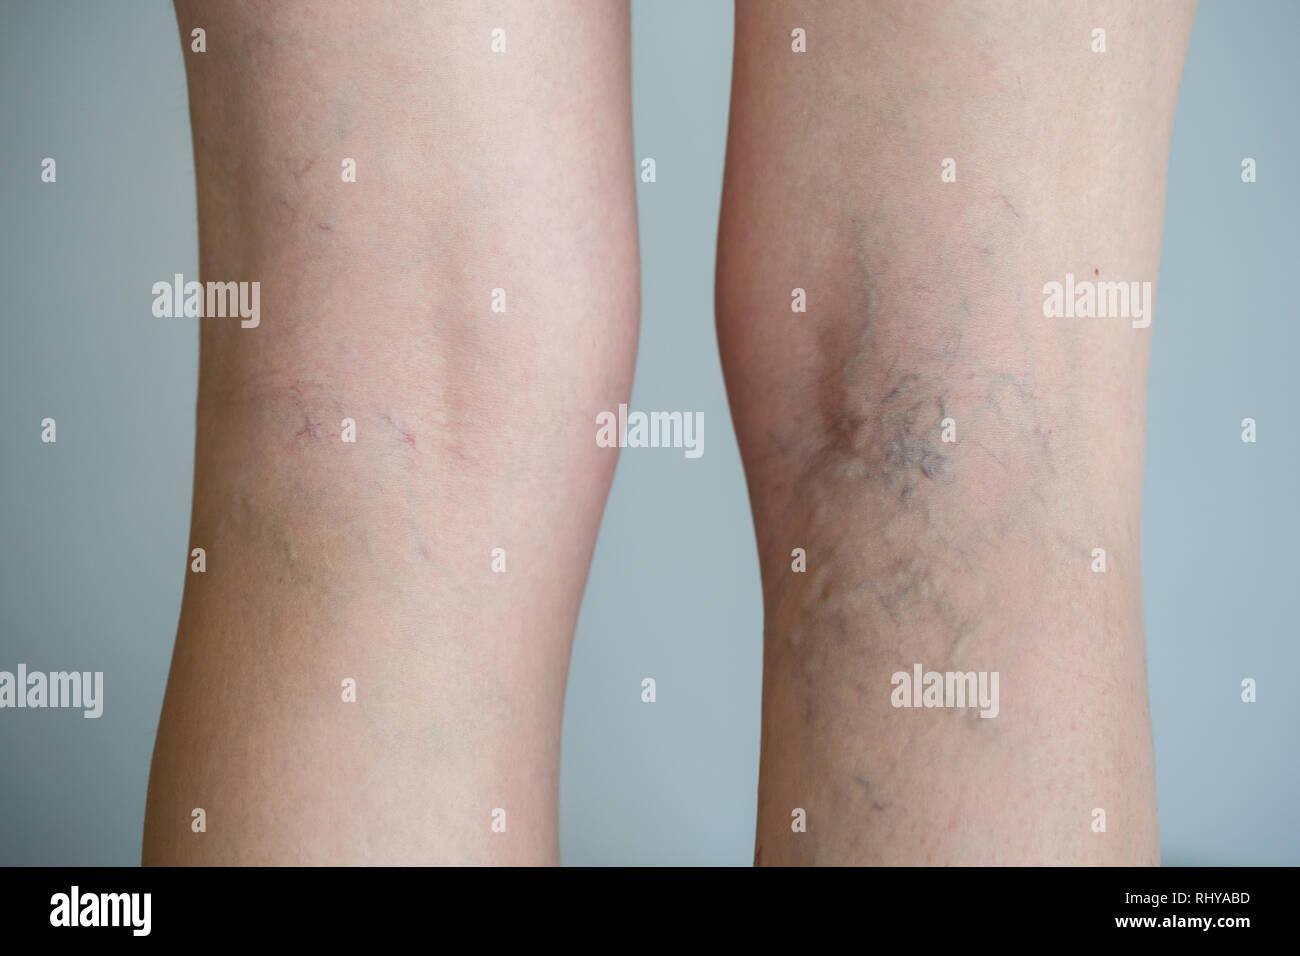 Schmerzhafte Krampfadern (Besenreiser, Varizen) am stärksten betroffenen Bein. Alterung, Alter Krankheit, ästhetisches Problem Konzept. Stockbild